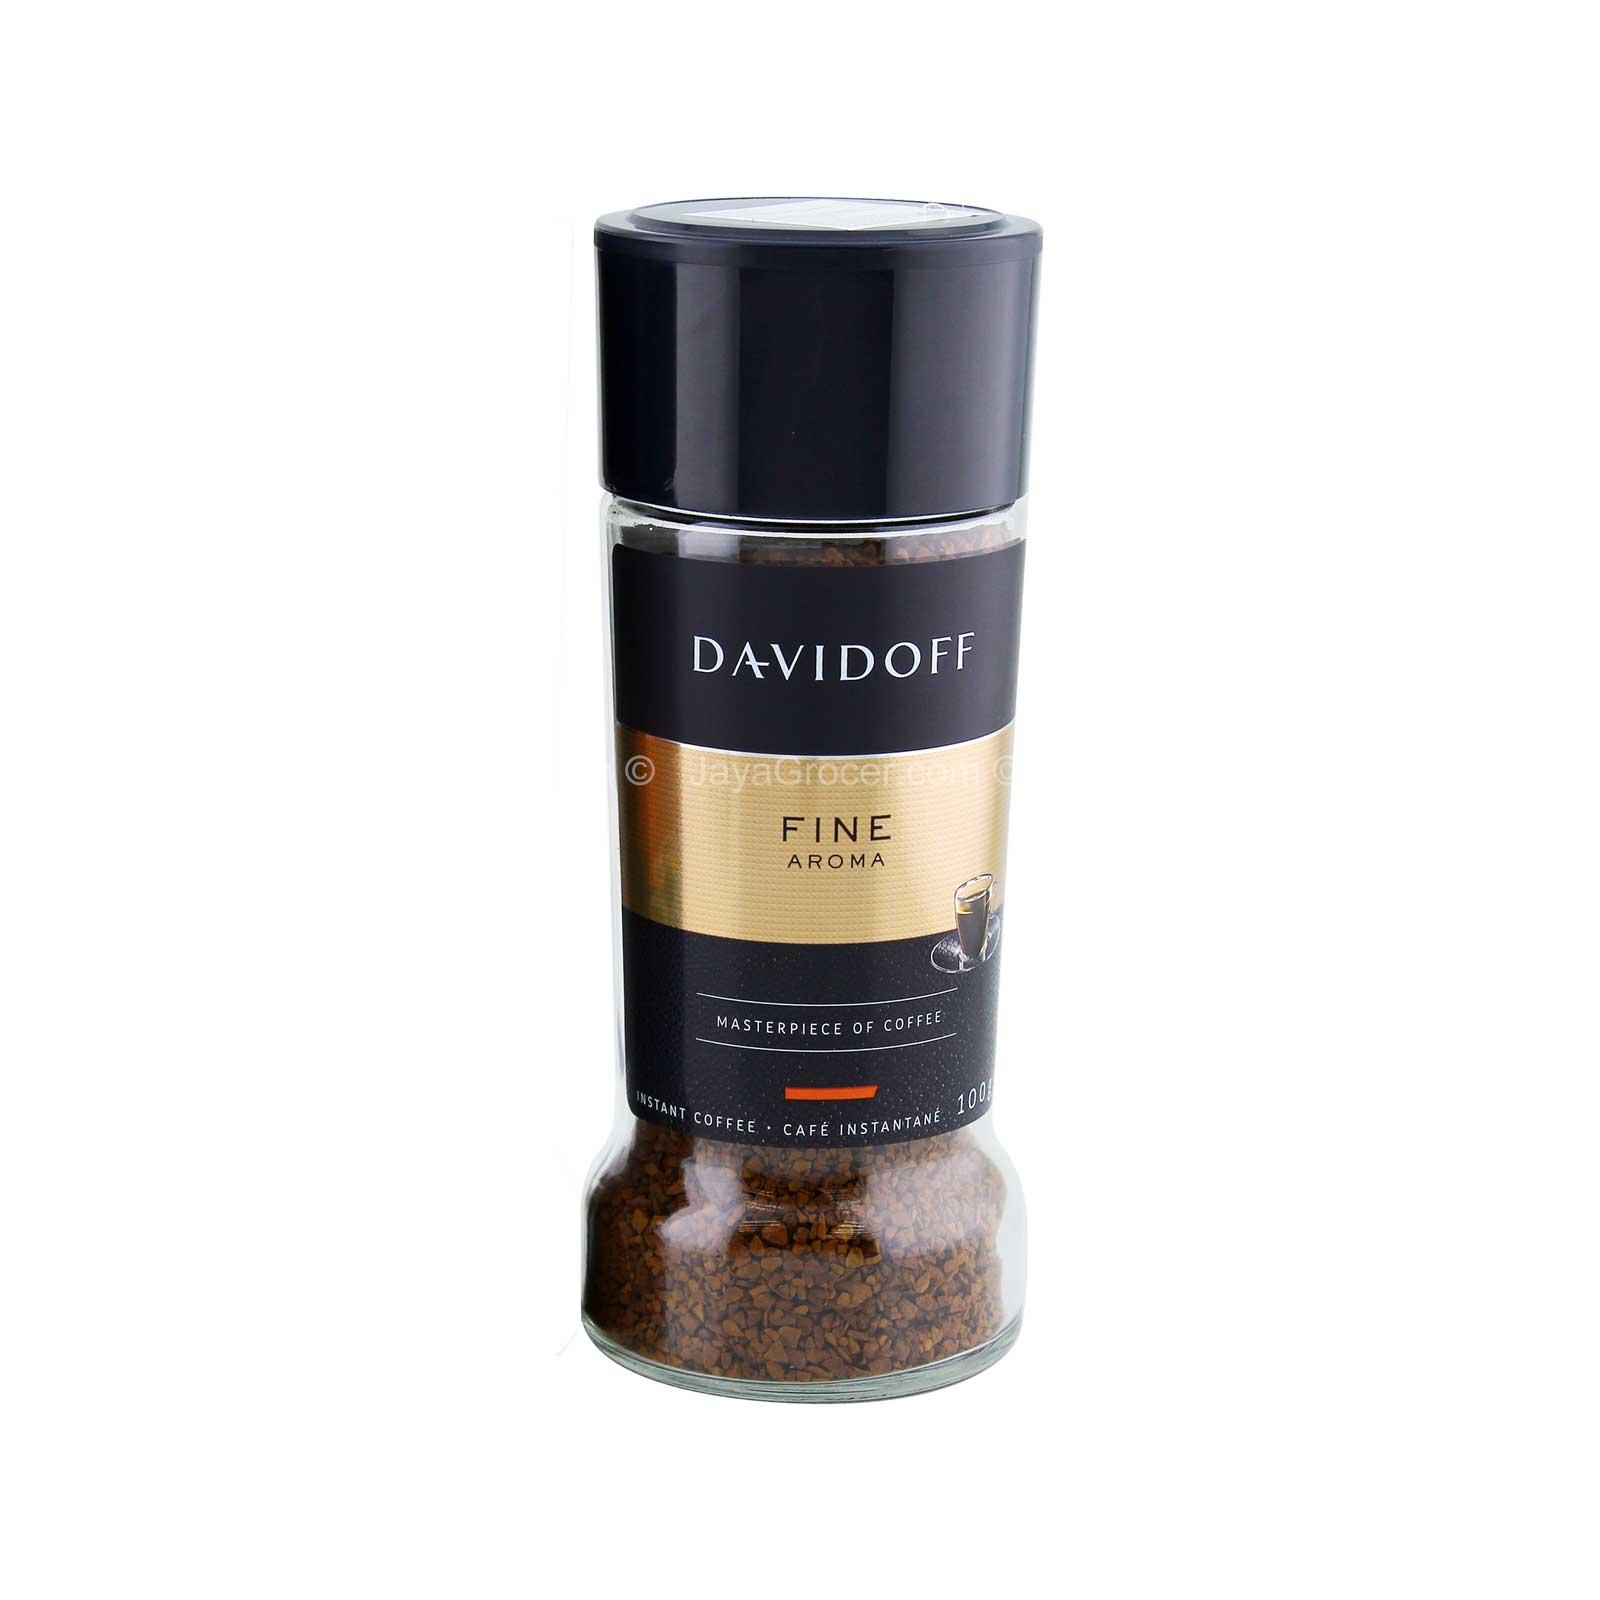 قهوه دیویدف مدل fine aroma مقدار 100 گرم